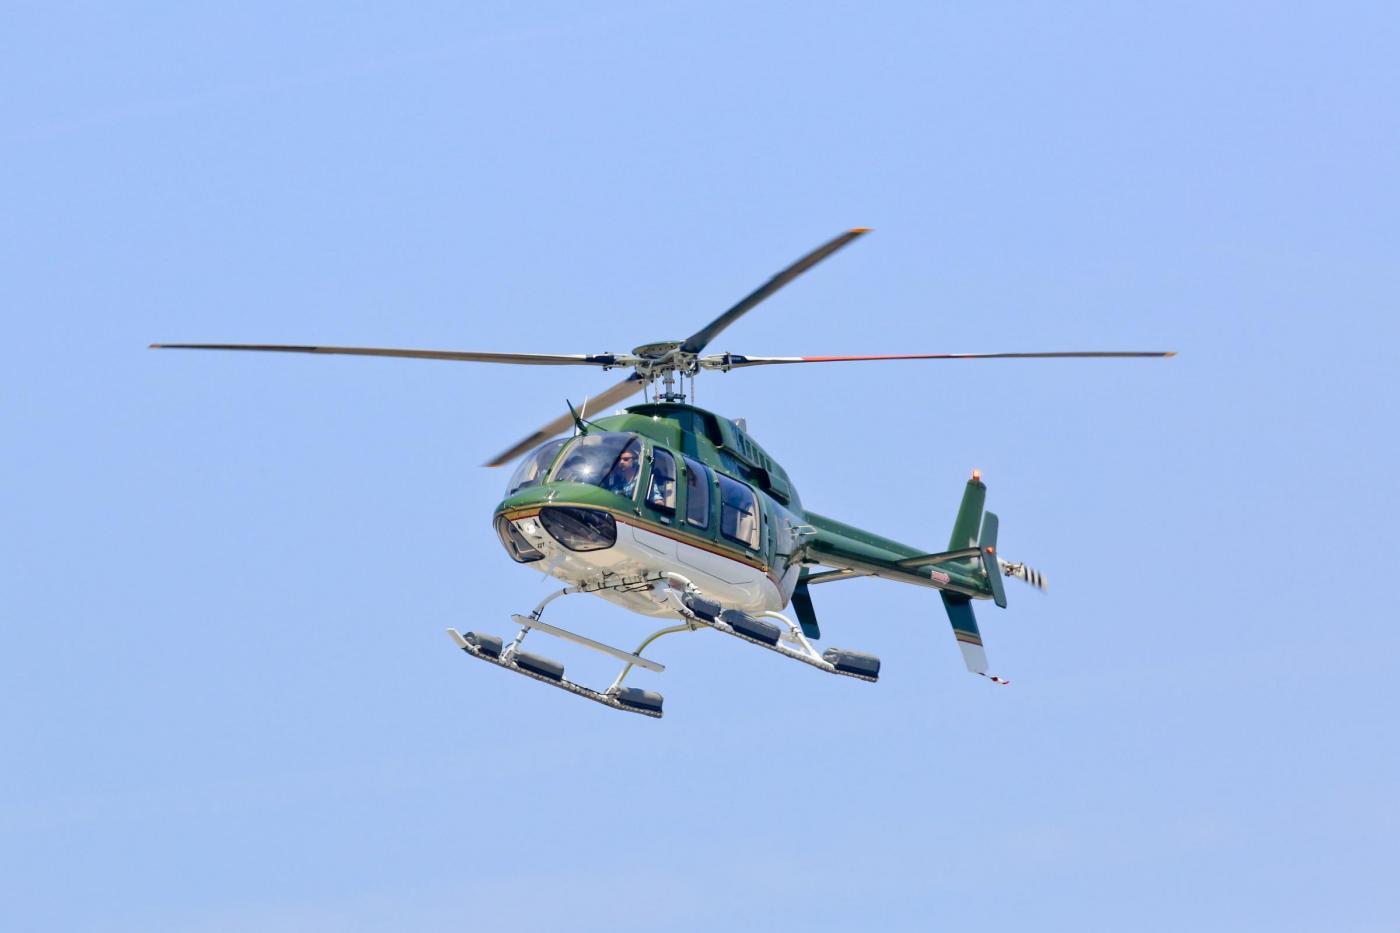 Elicottero Di Carta : Harrison ford torna a volare in elicottero dopo incidente